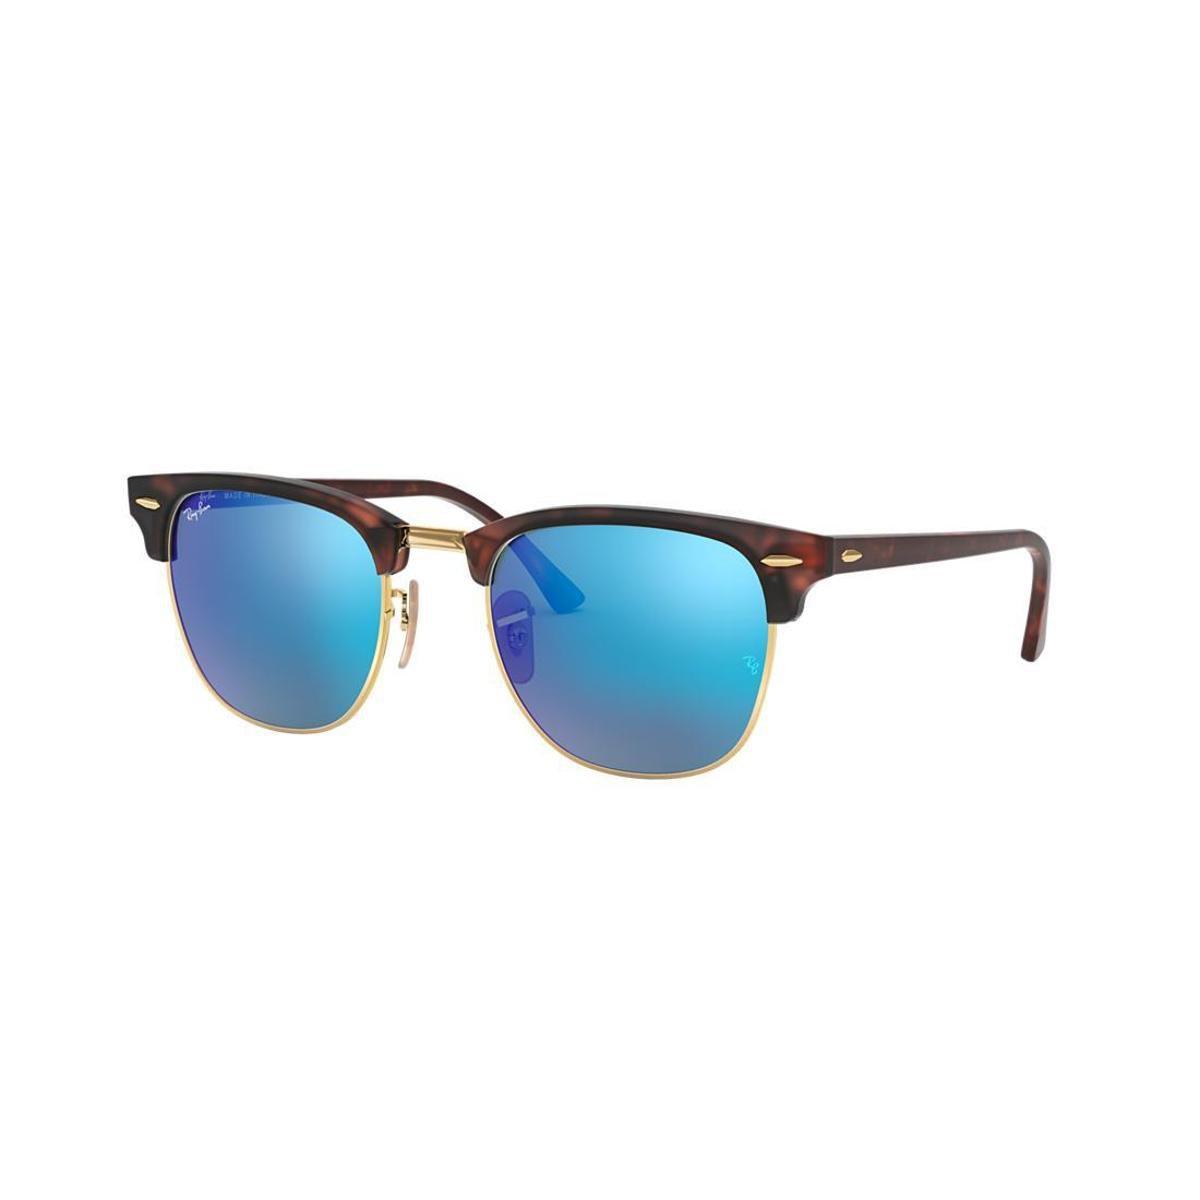 b14153ae4b ... uk Óculos de sol ray ban rb3016 clubmaster color mix marrom 6d56b 331c7